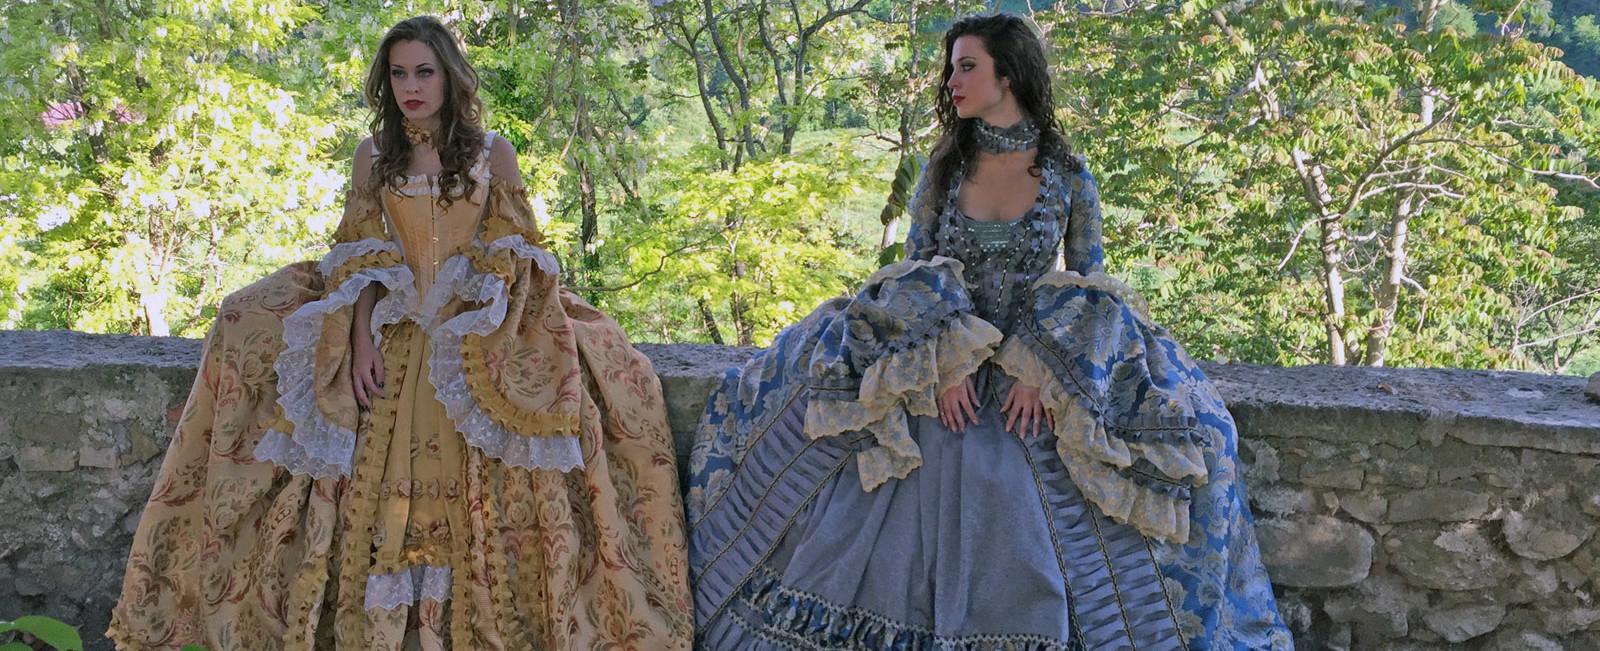 Catia Mancini Costume Designer